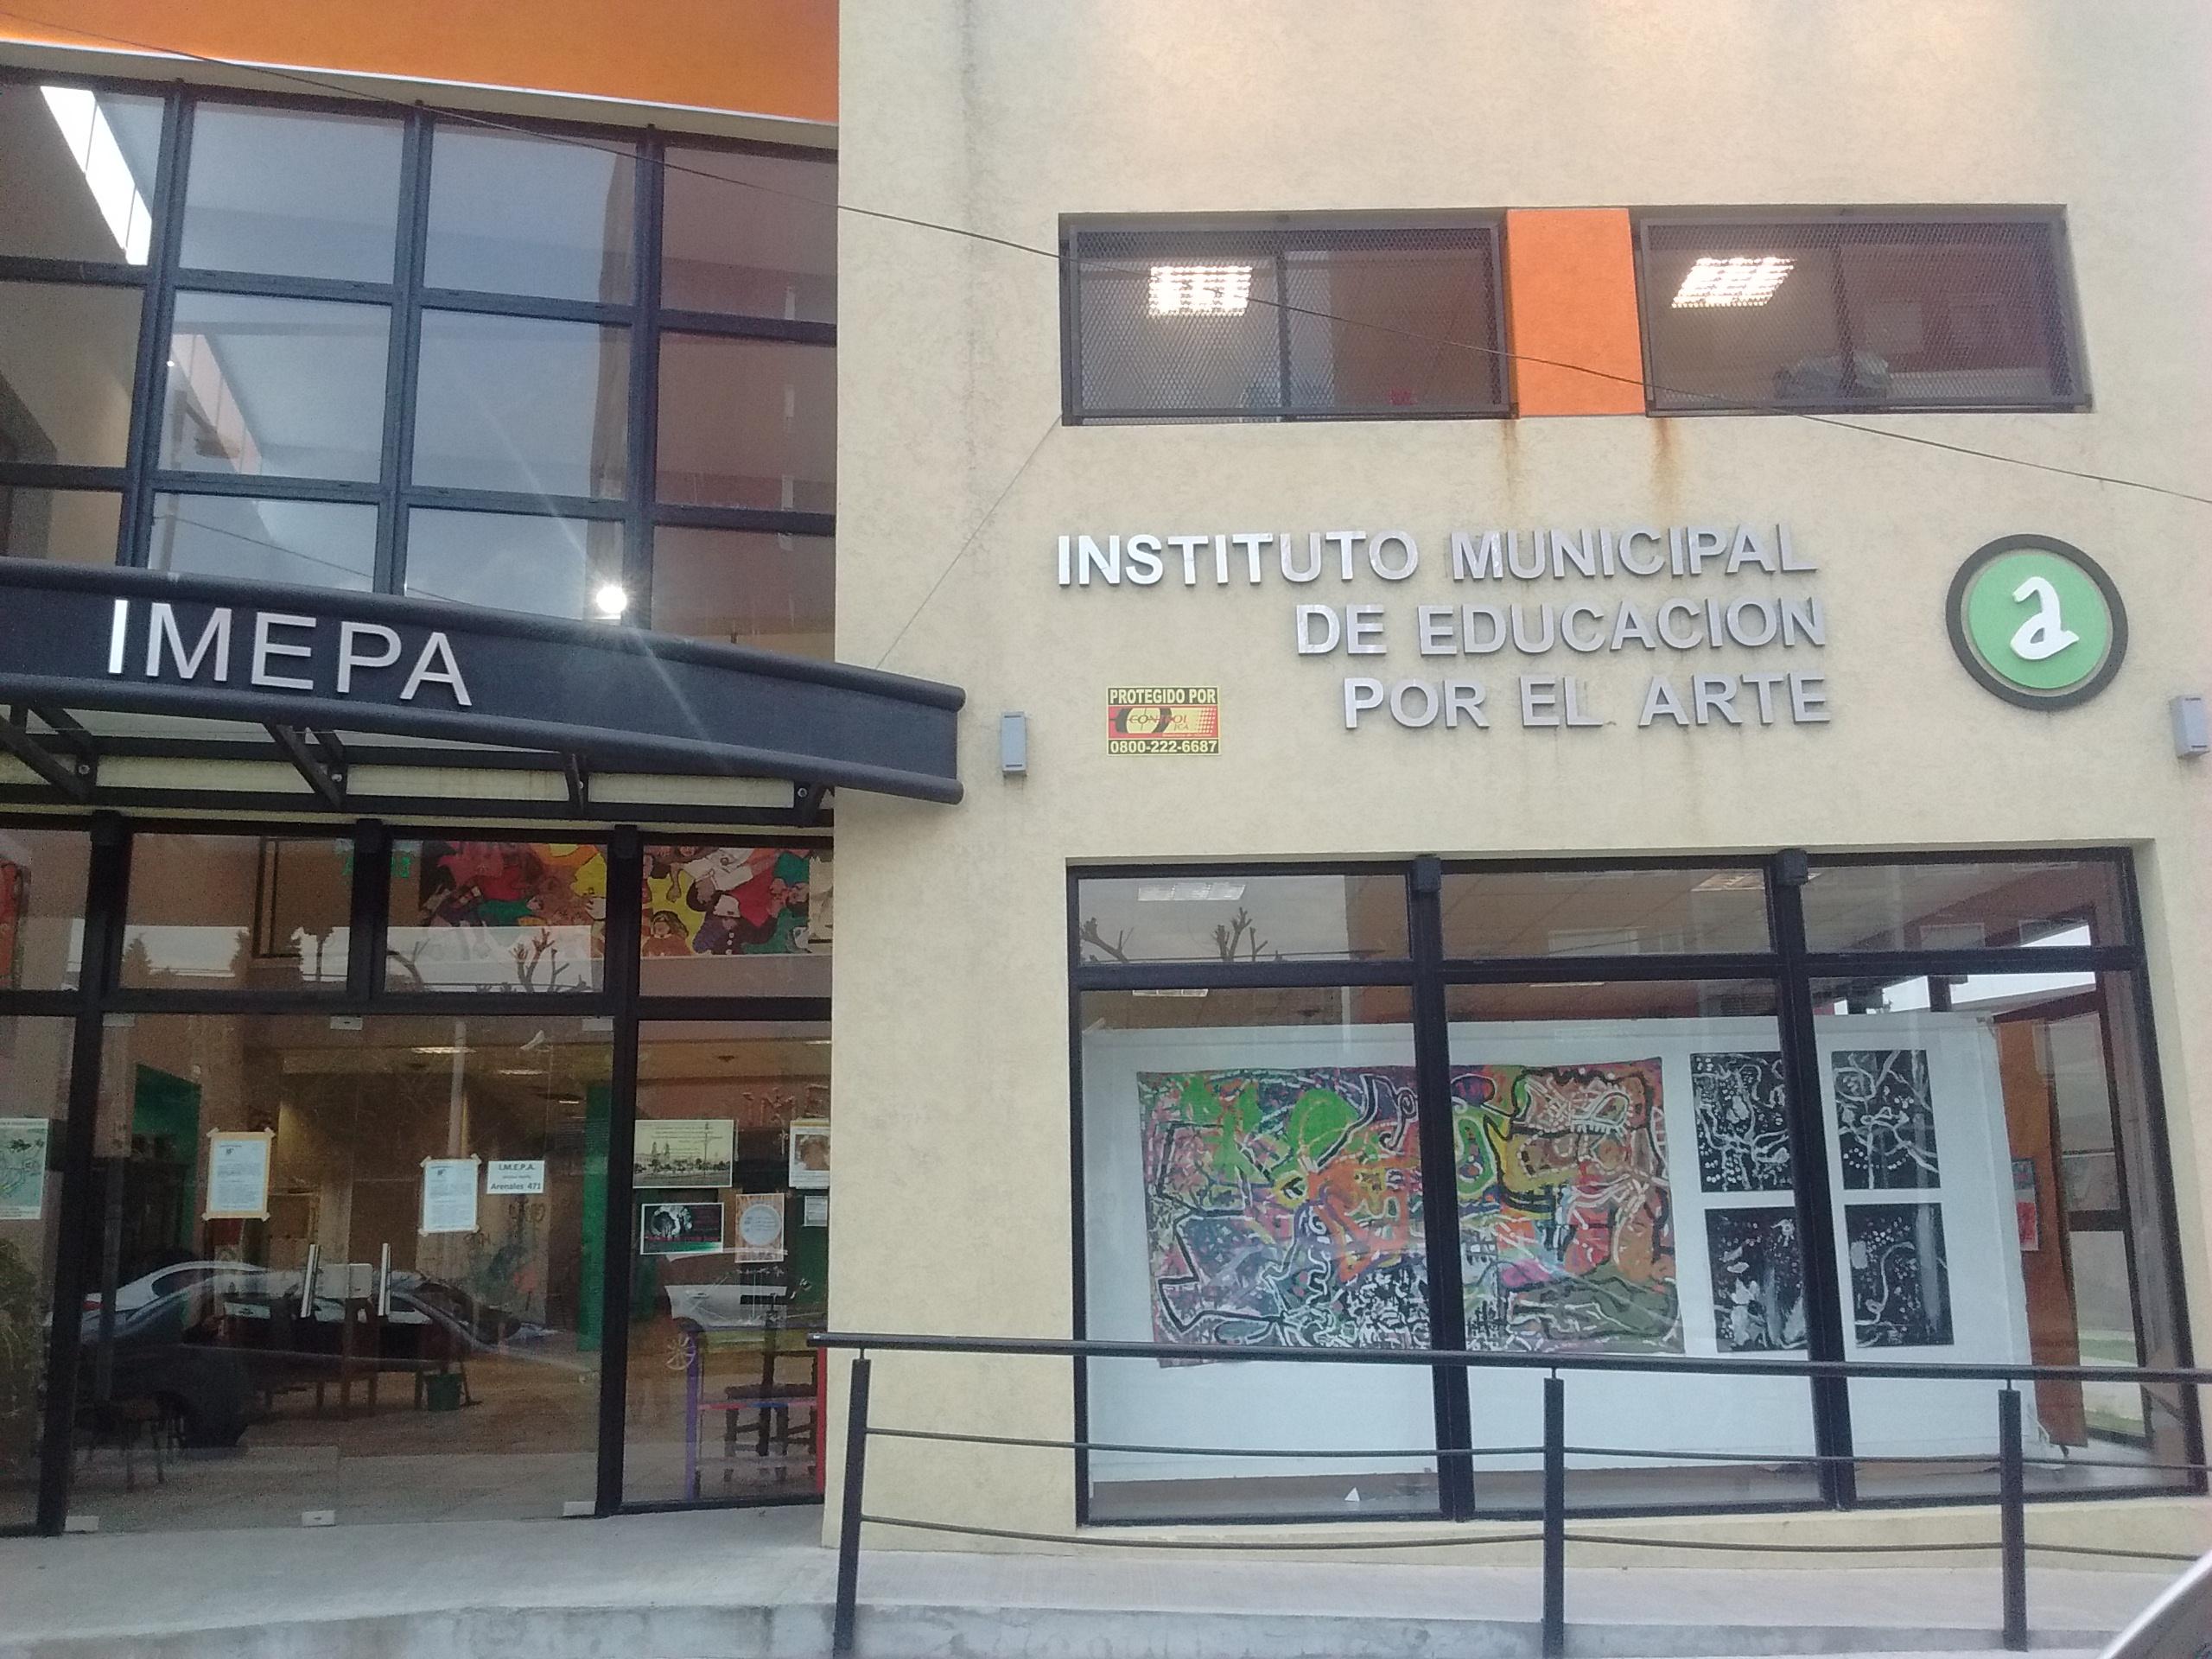 Frente IMEPA - Instituto Municipal de Educación por el Arte